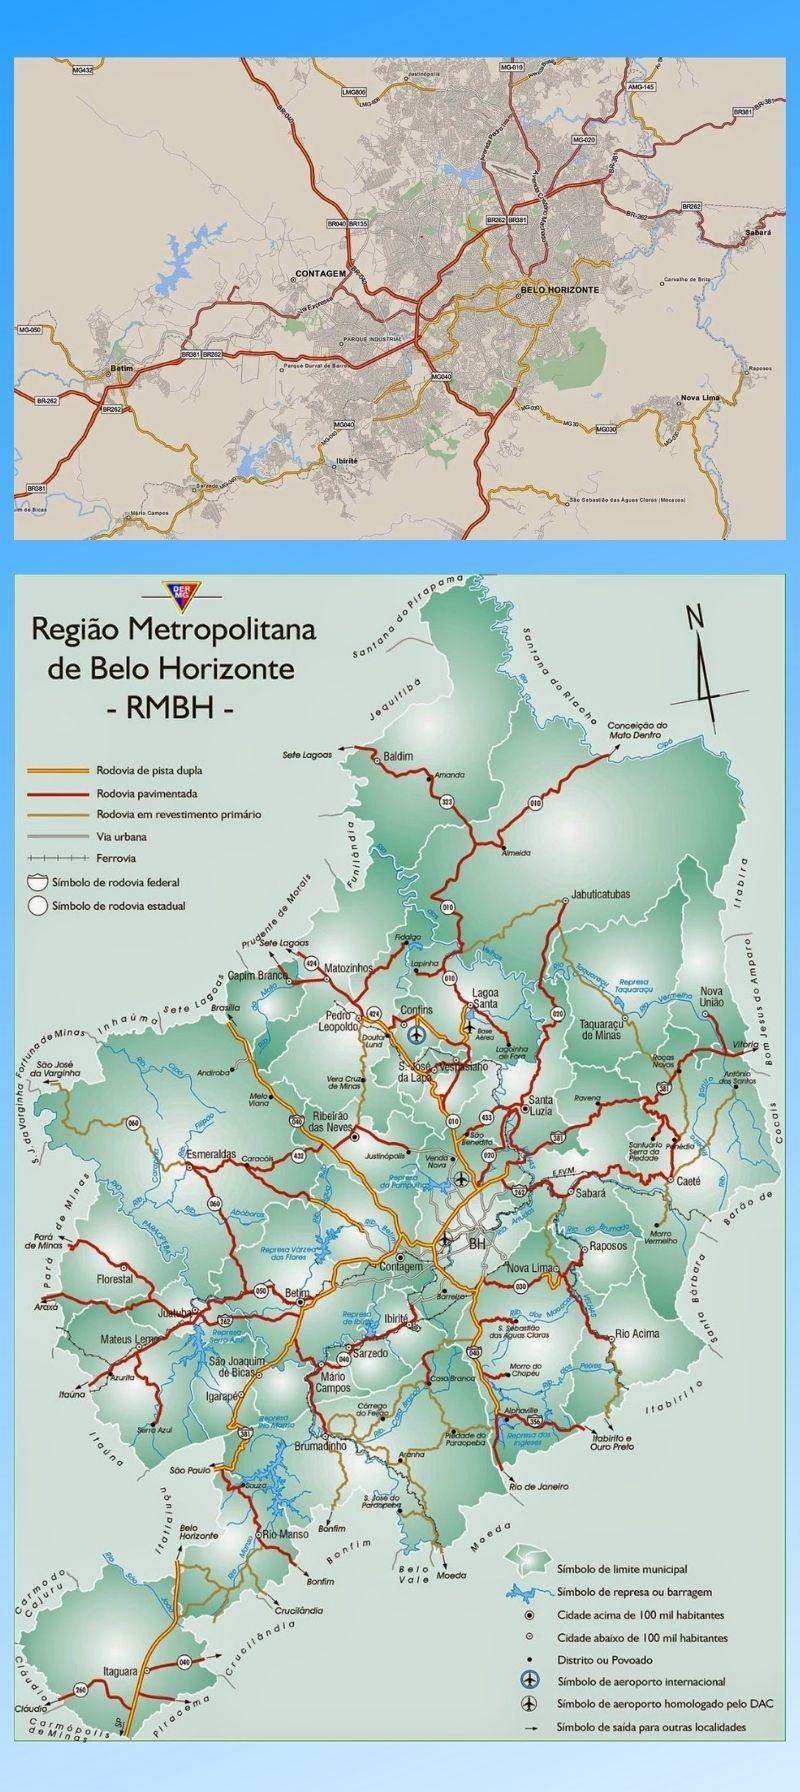 Infográfico Atrações Turísticas de Minas Gerais (BH e Região Metropolitana) 2